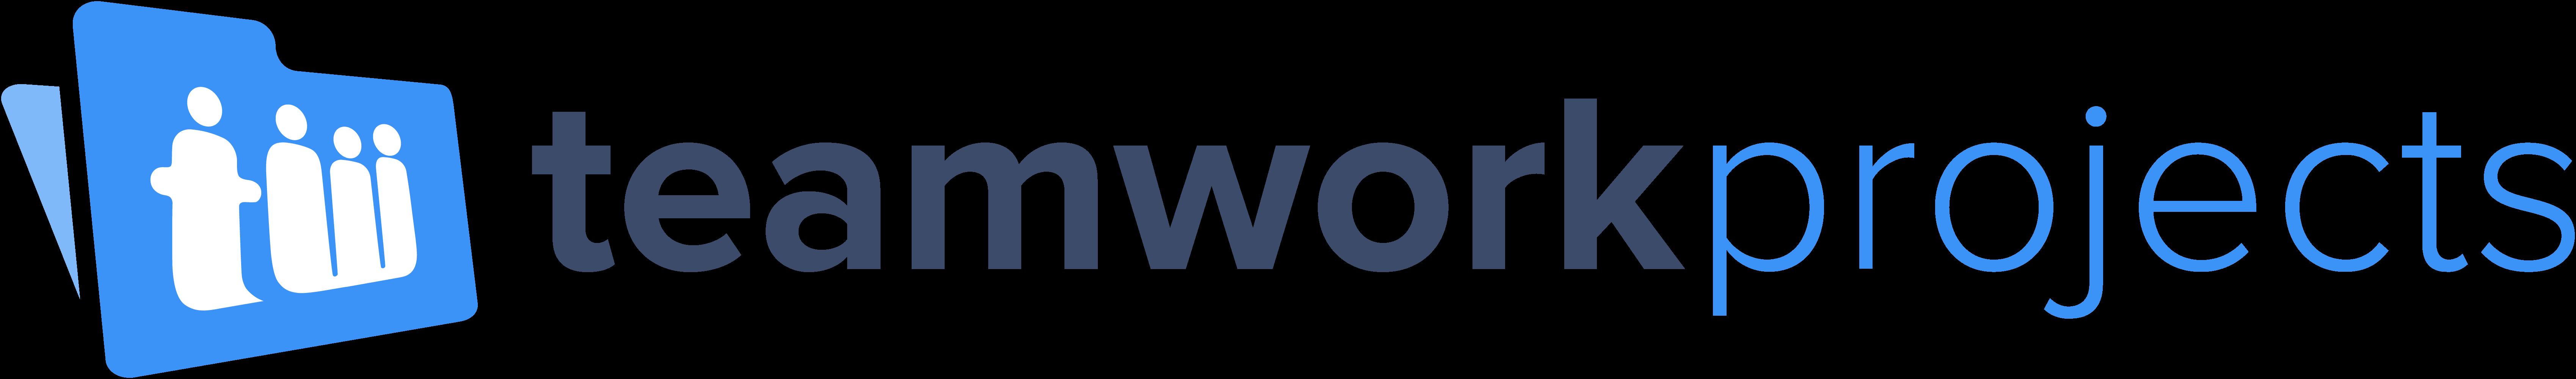 Teamwork clipart logo. Logos group media kit